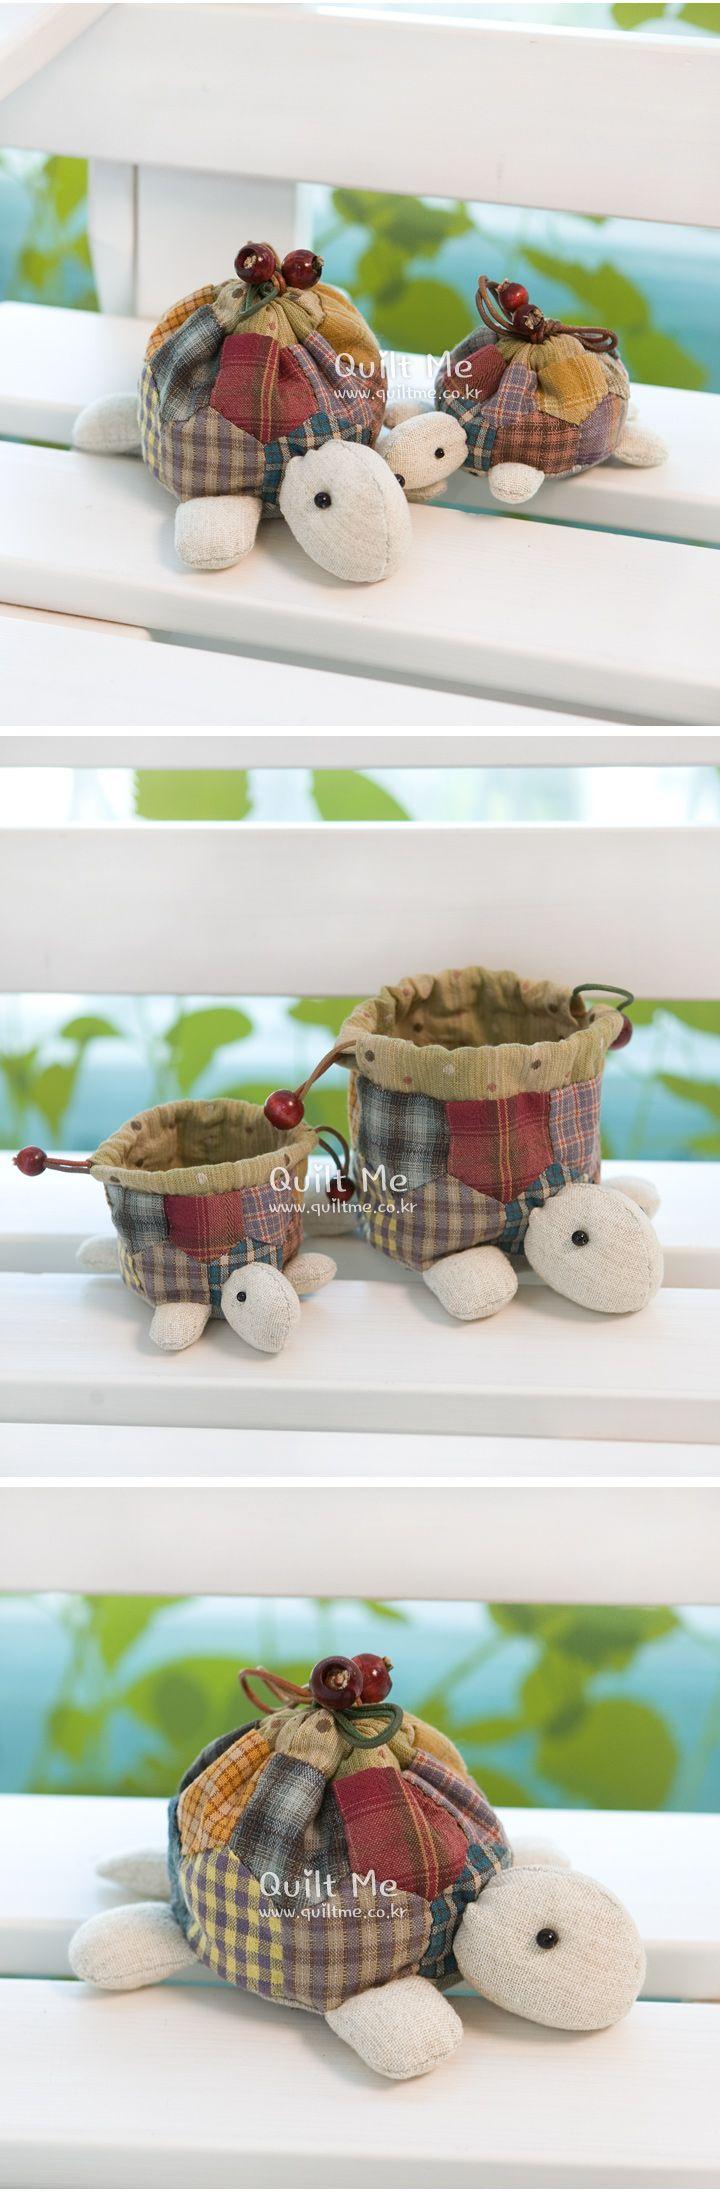 little turtle bags, so cute!